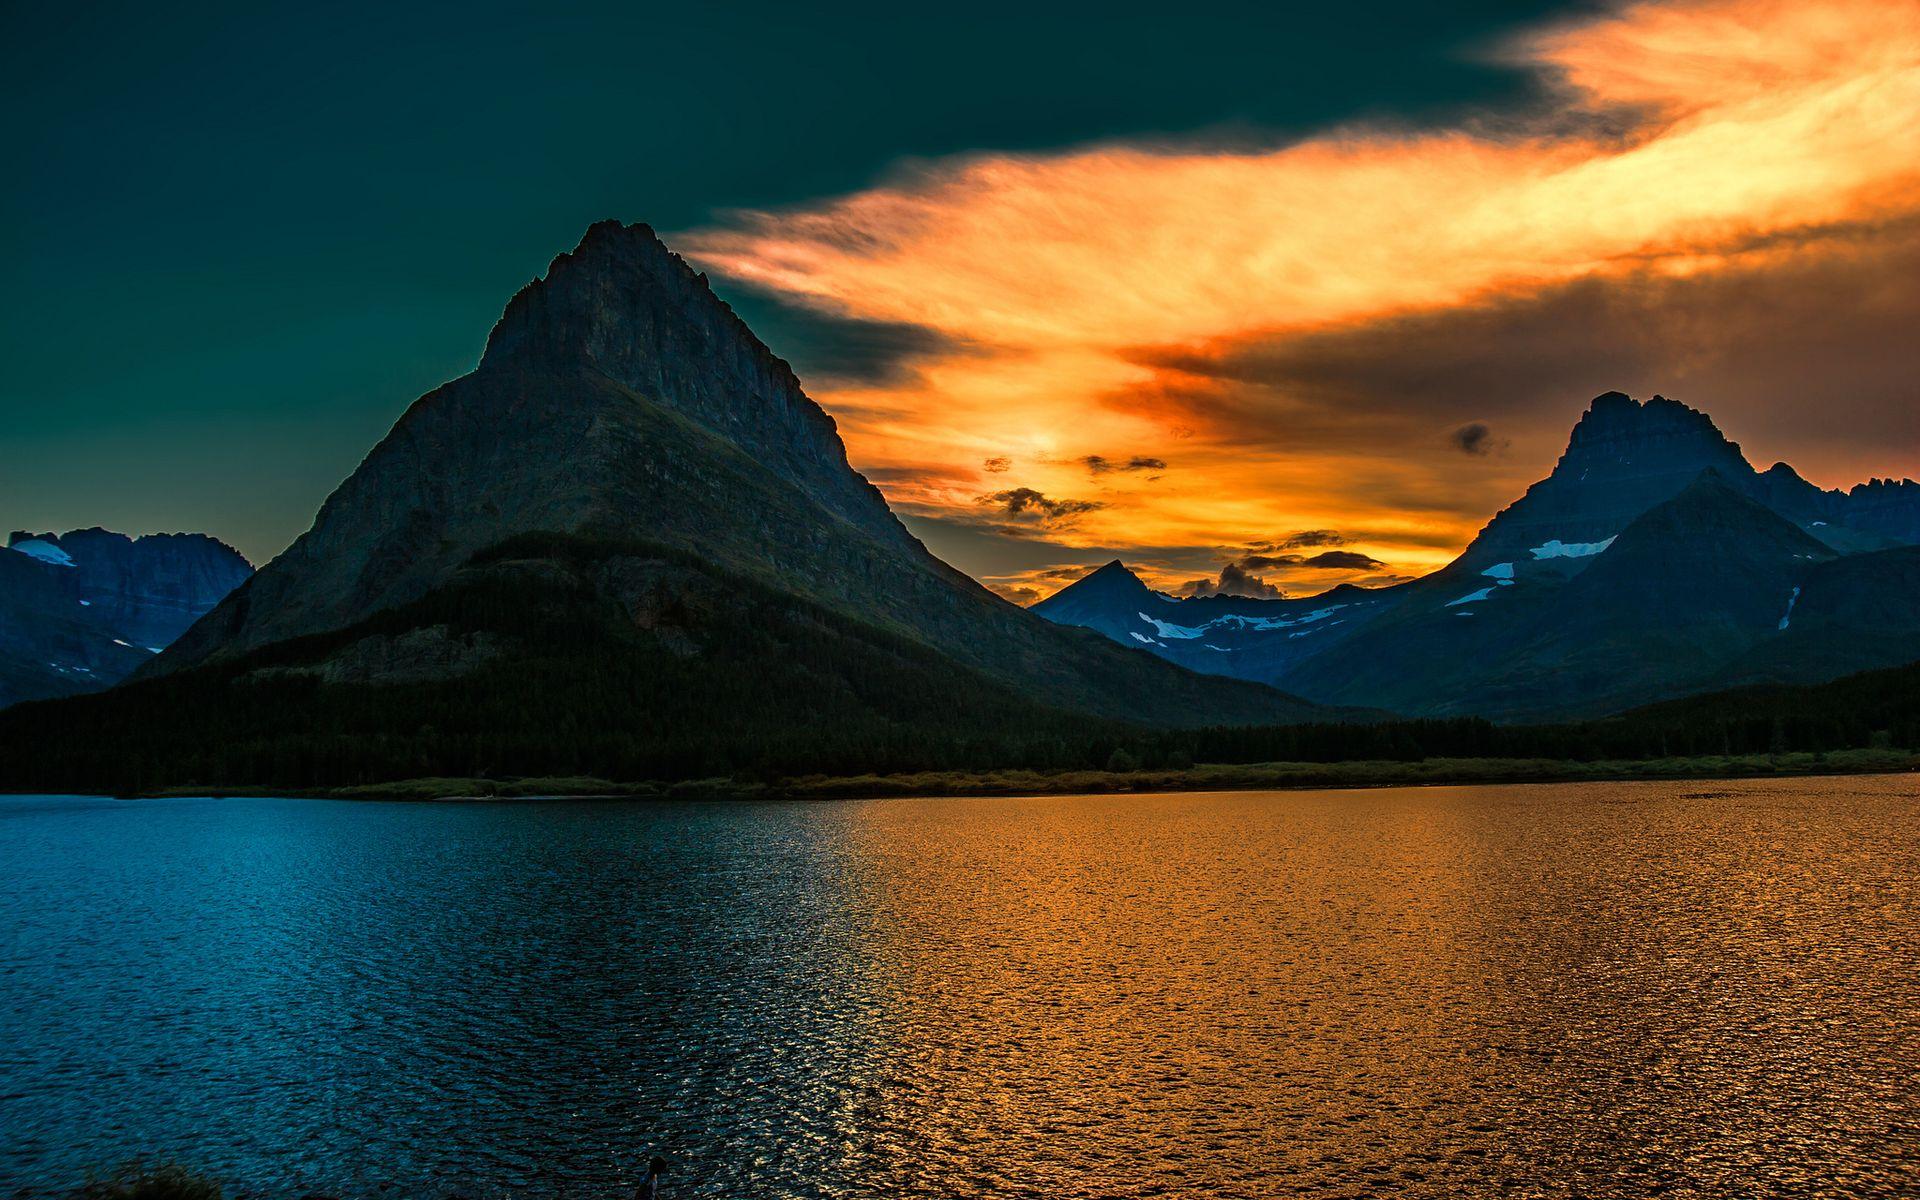 Coucher De Soleil Dans Les Montagnes Fond D Ecran Hd